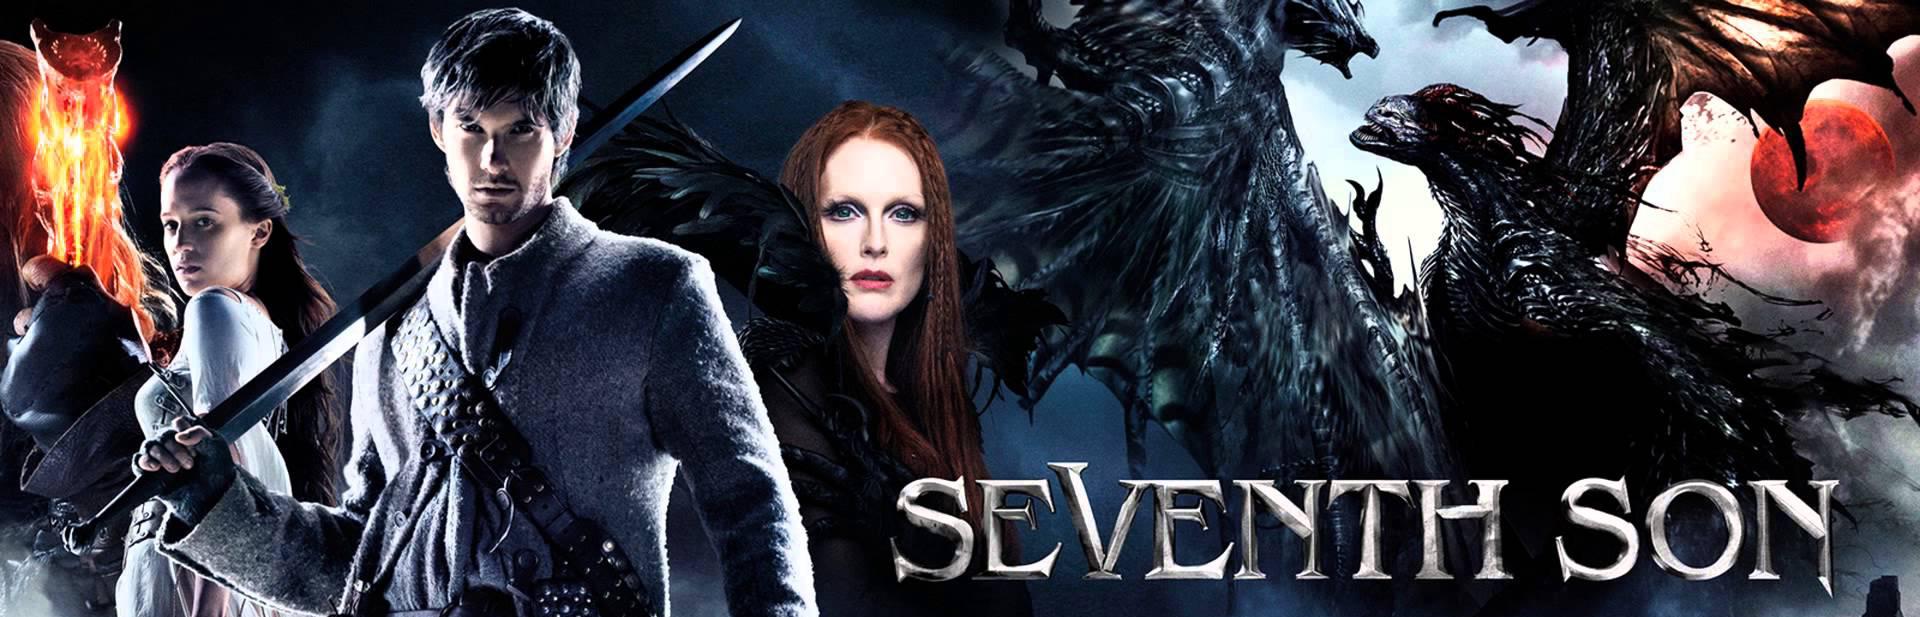 seventhsonbanner.jpg